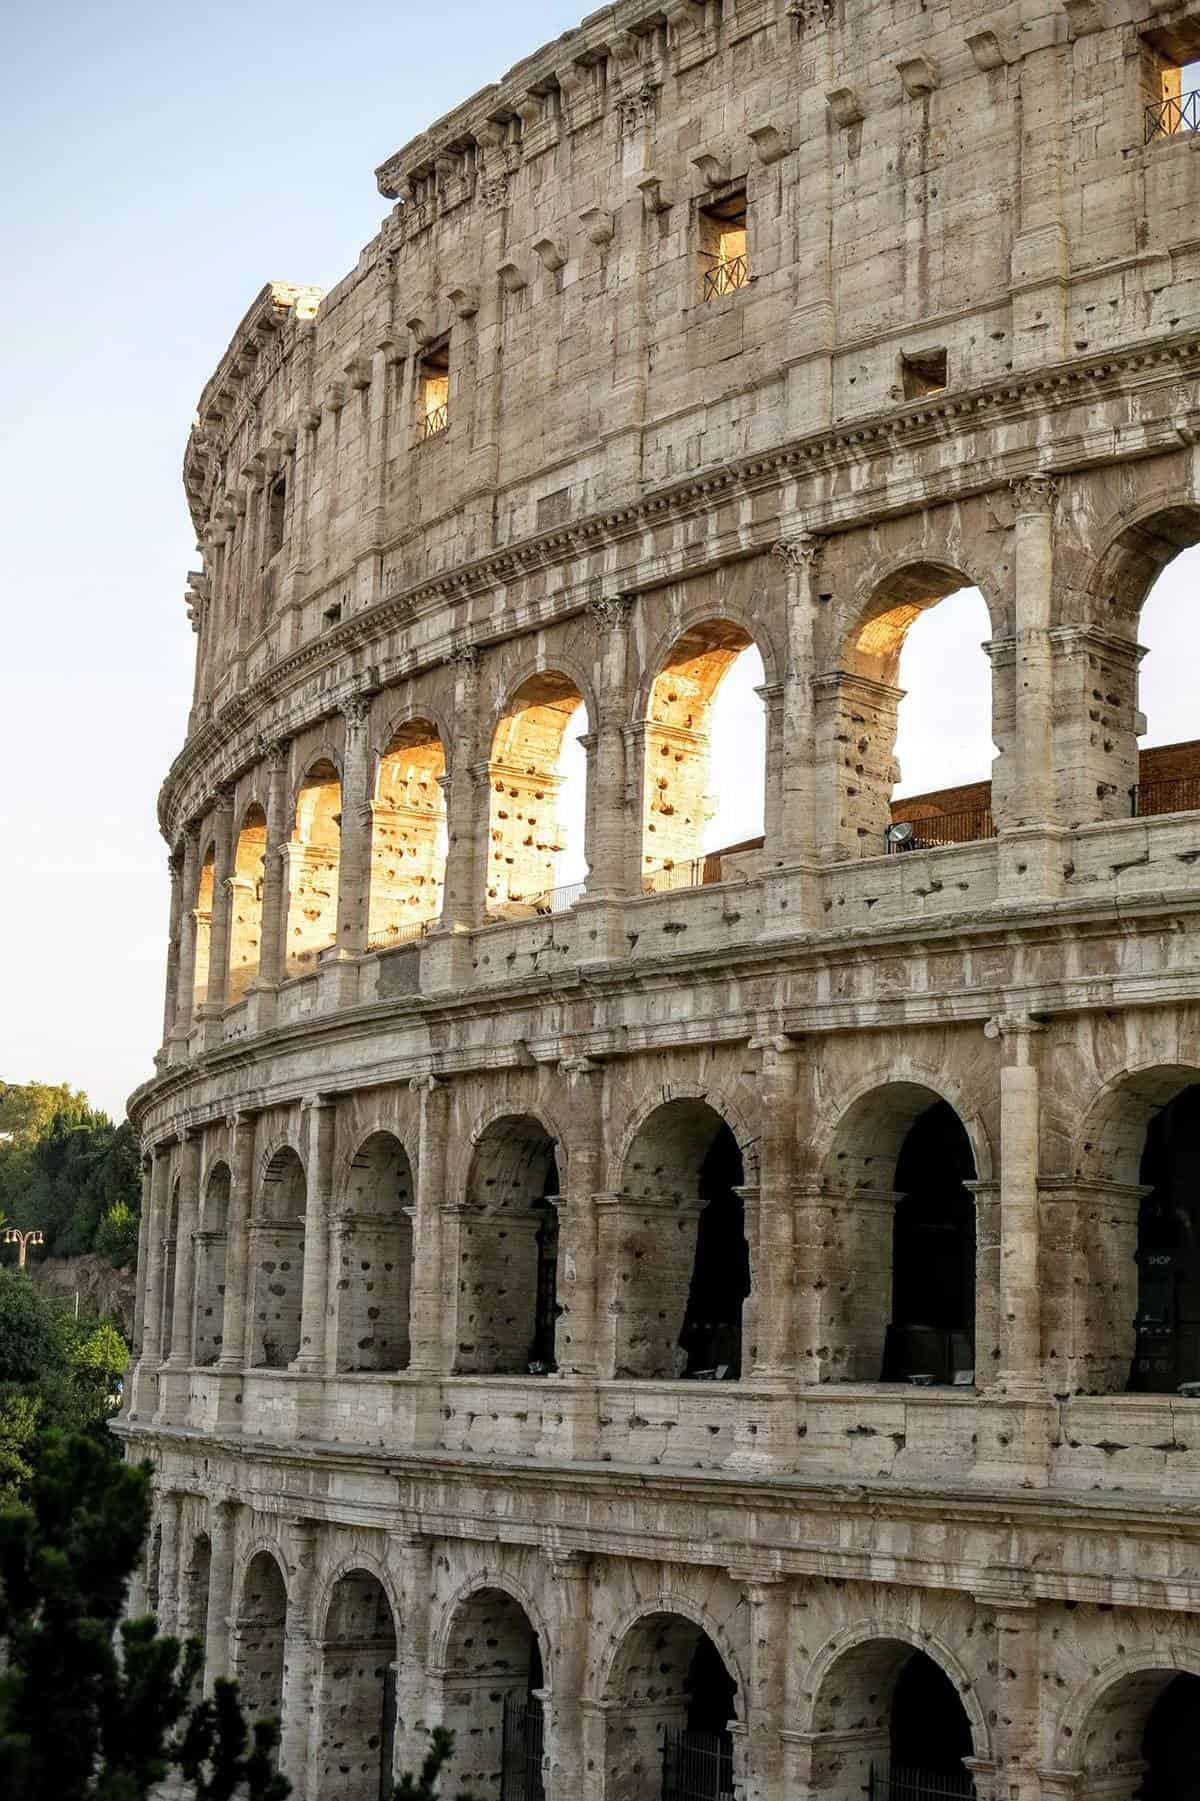 Rome - Italy's capital